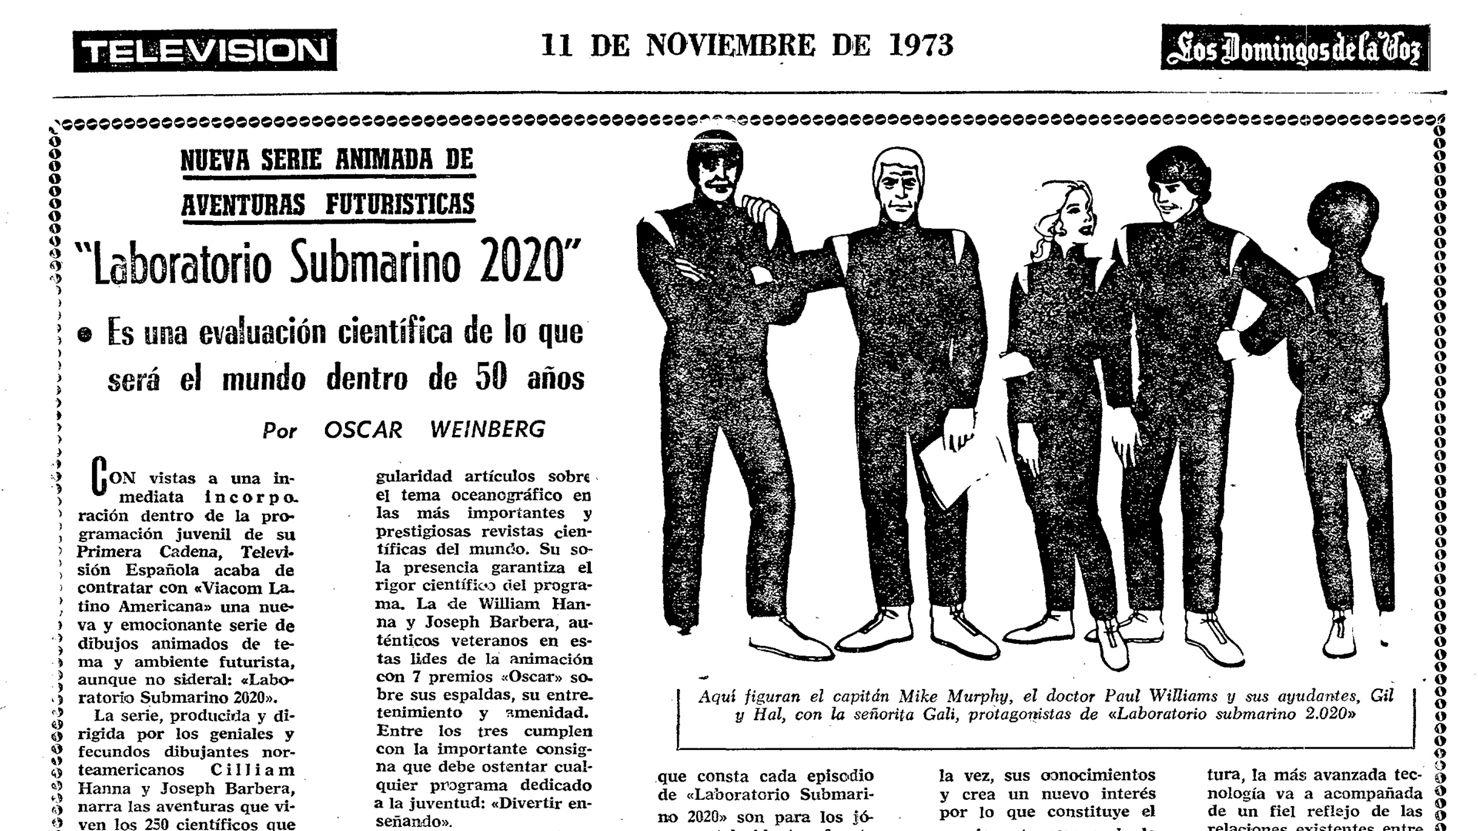 Publicación del 11 de noviembre de 1973